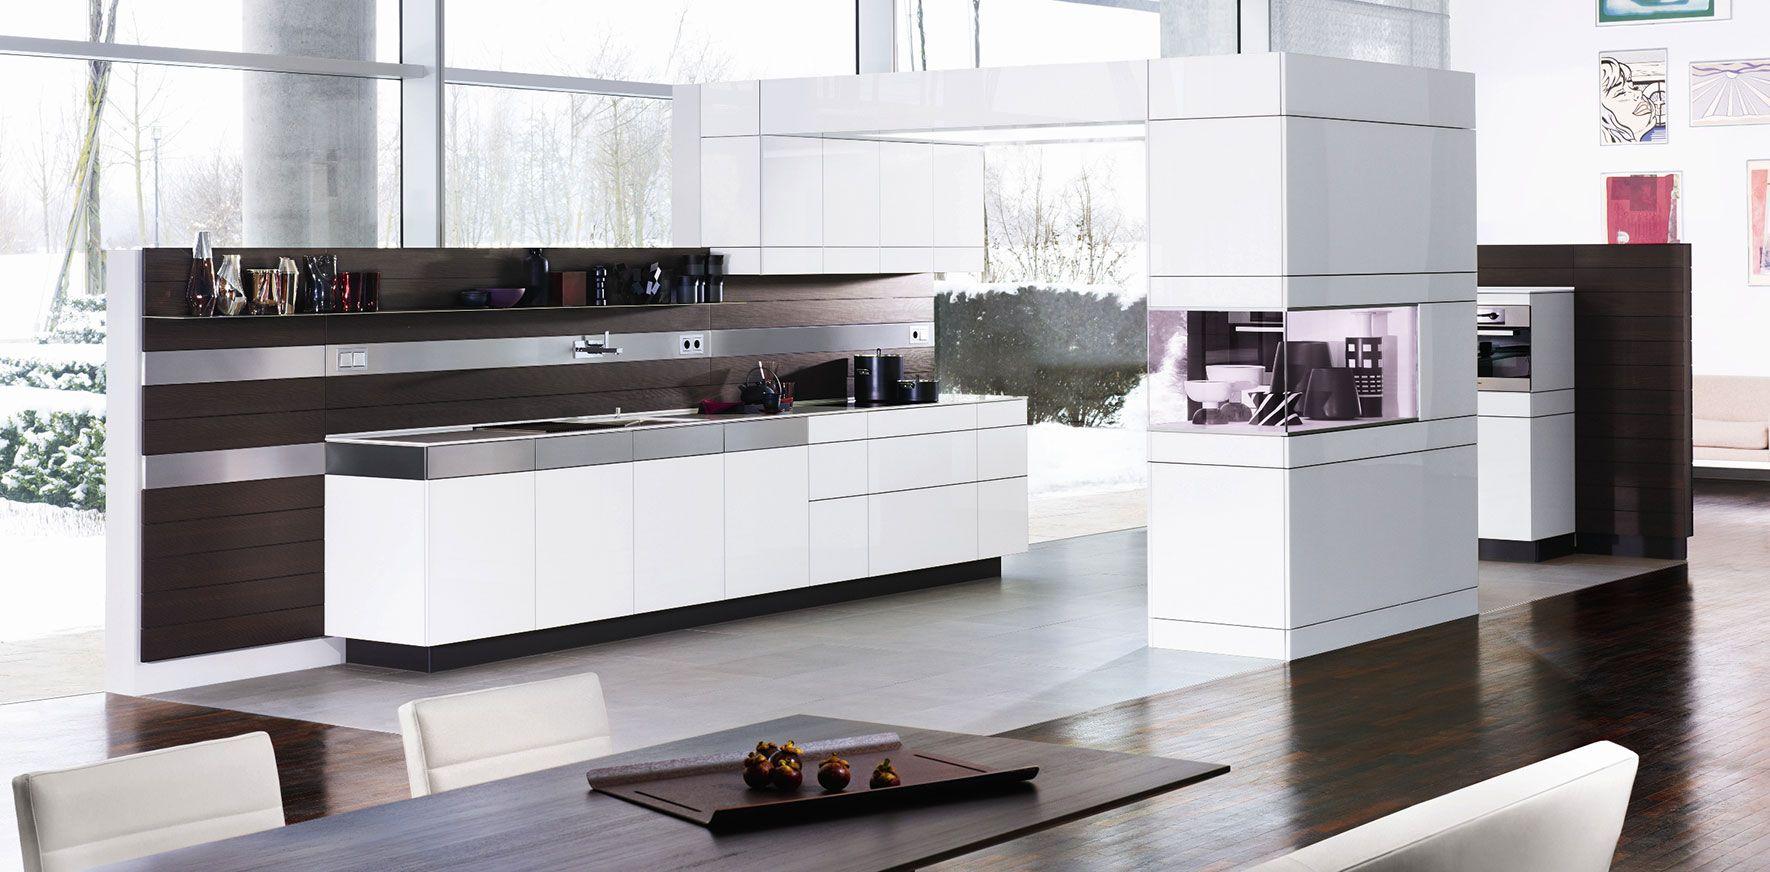 Luxury Kitchens Uk Companies House